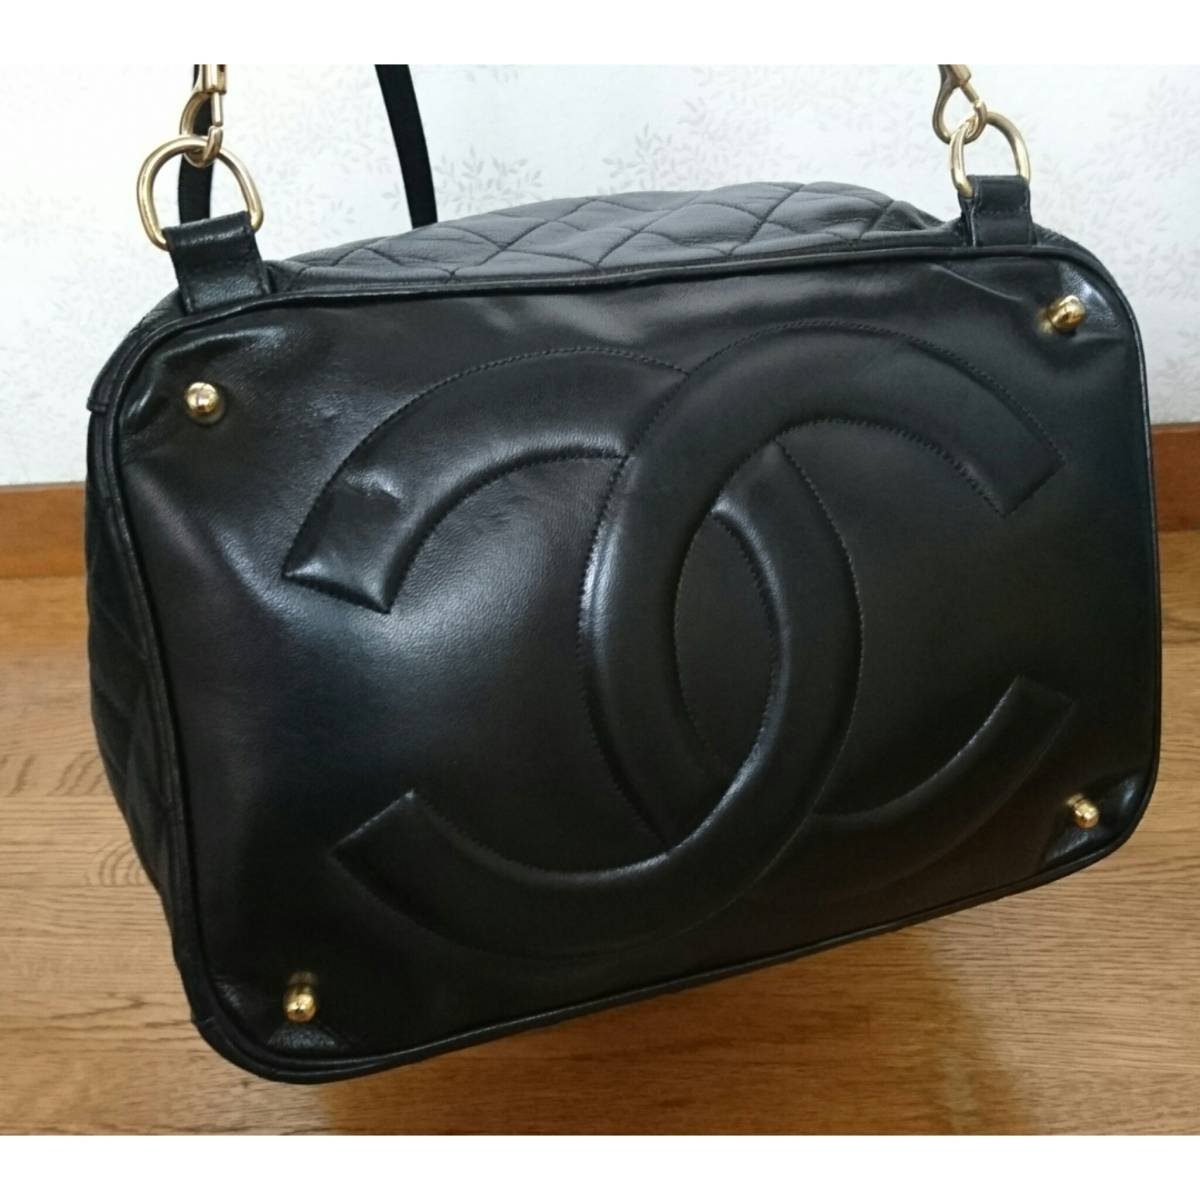 CHANEL シャネル リュック バックパック ブラック ハンドバッグ 黒 バッグ ヴィンテージシャネル レザーバッグ レア vintage ヴィンテージ_画像7